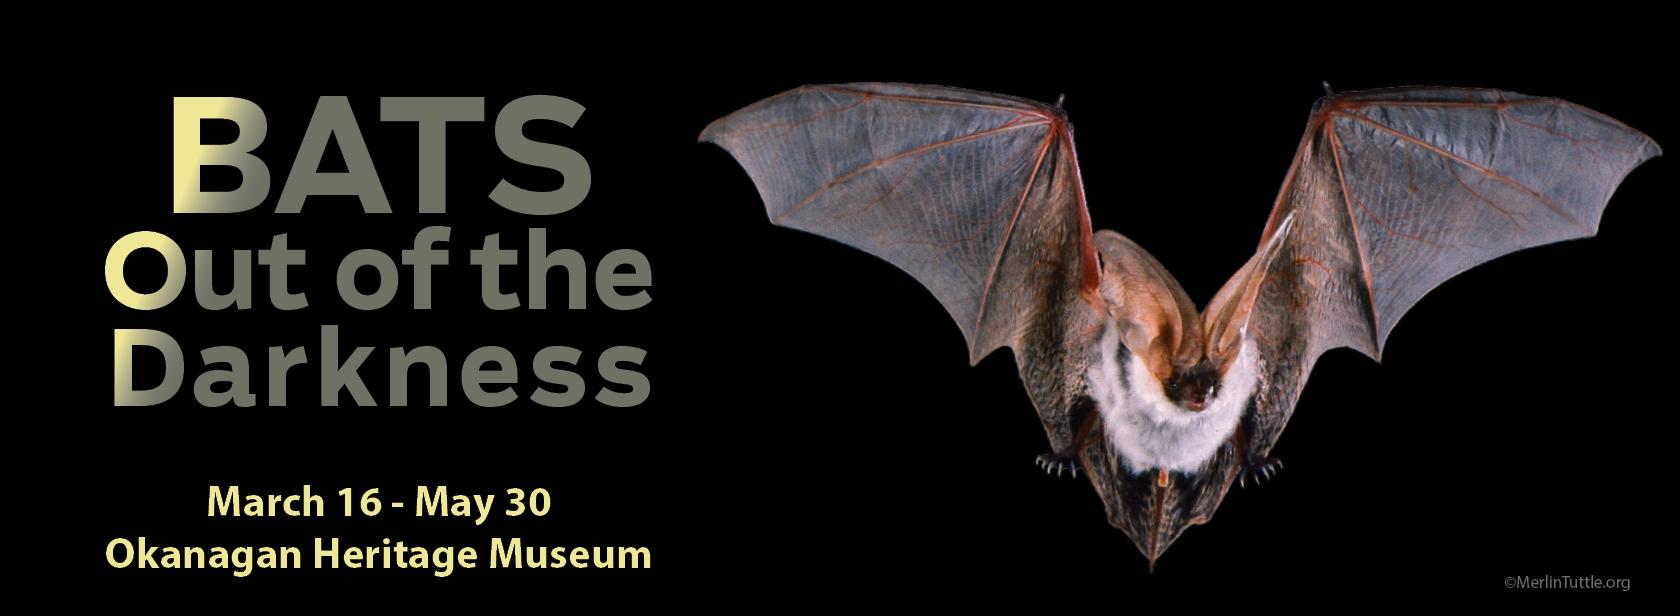 BATS web banner 2 Home